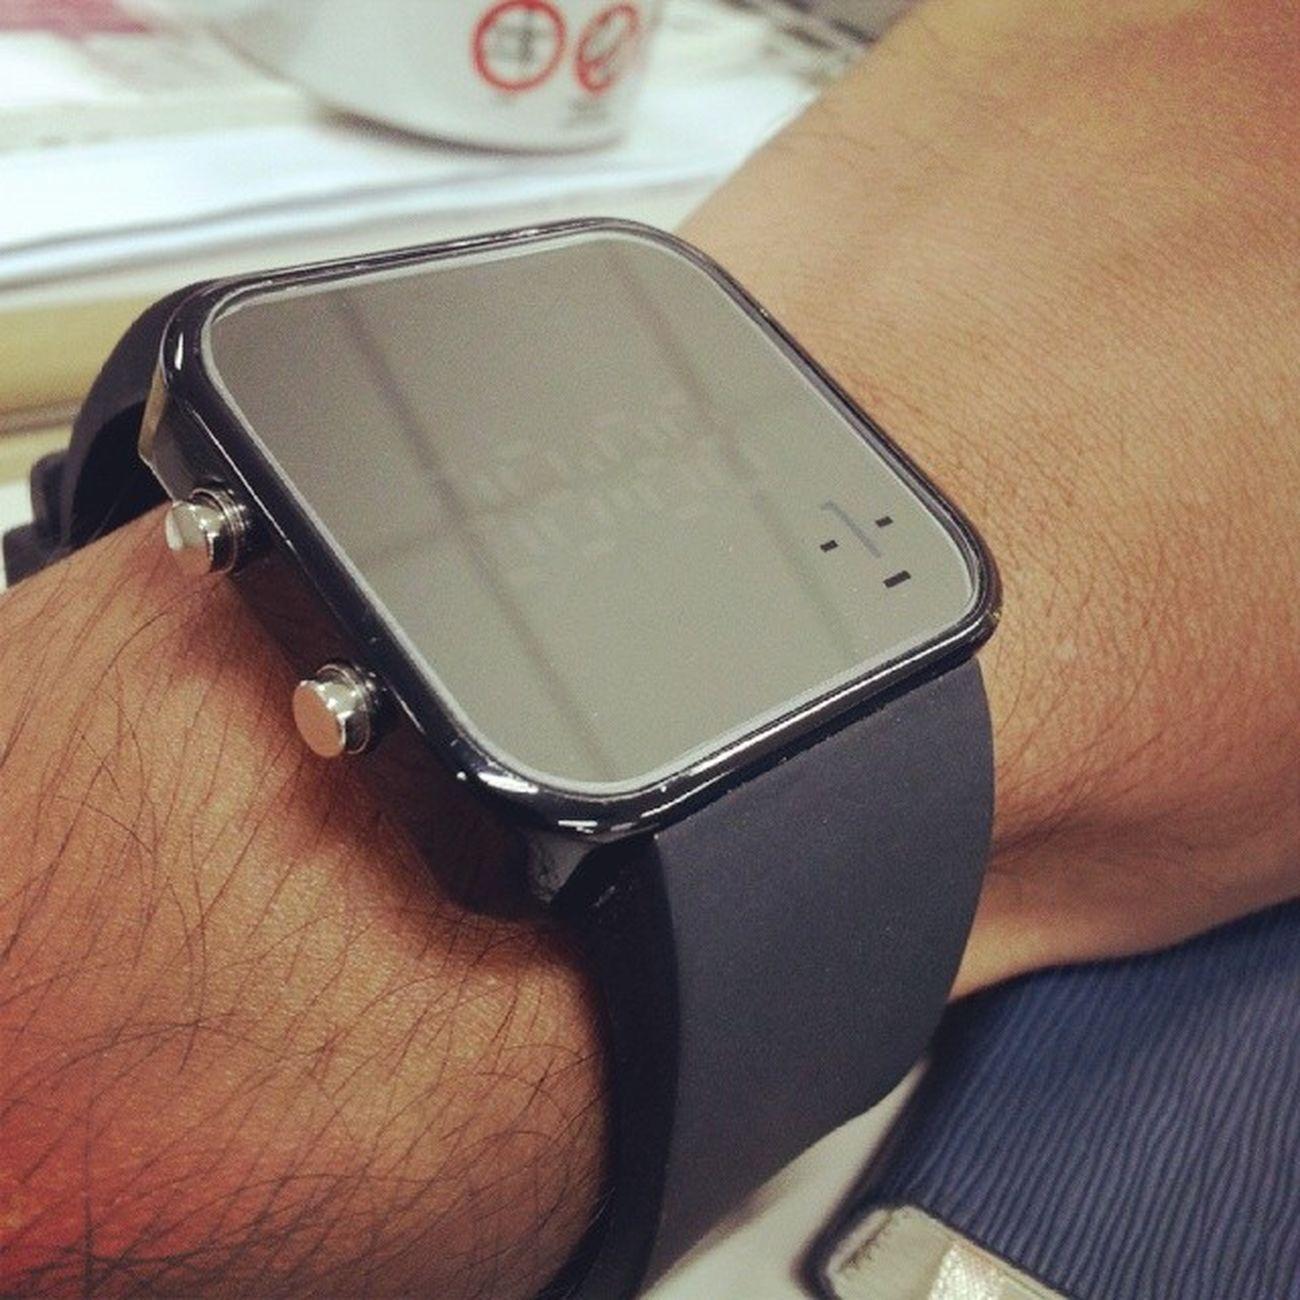 ifacewatch สั่งไปสอง ได้มาแค่หนึ่ง ลืมอ่านเมล์ เค้าเมล์มาสีชมพูหมดให้เปลี่ยนสี อีกเรือนรออีกแปป เด๋วคงมา ifacewatch